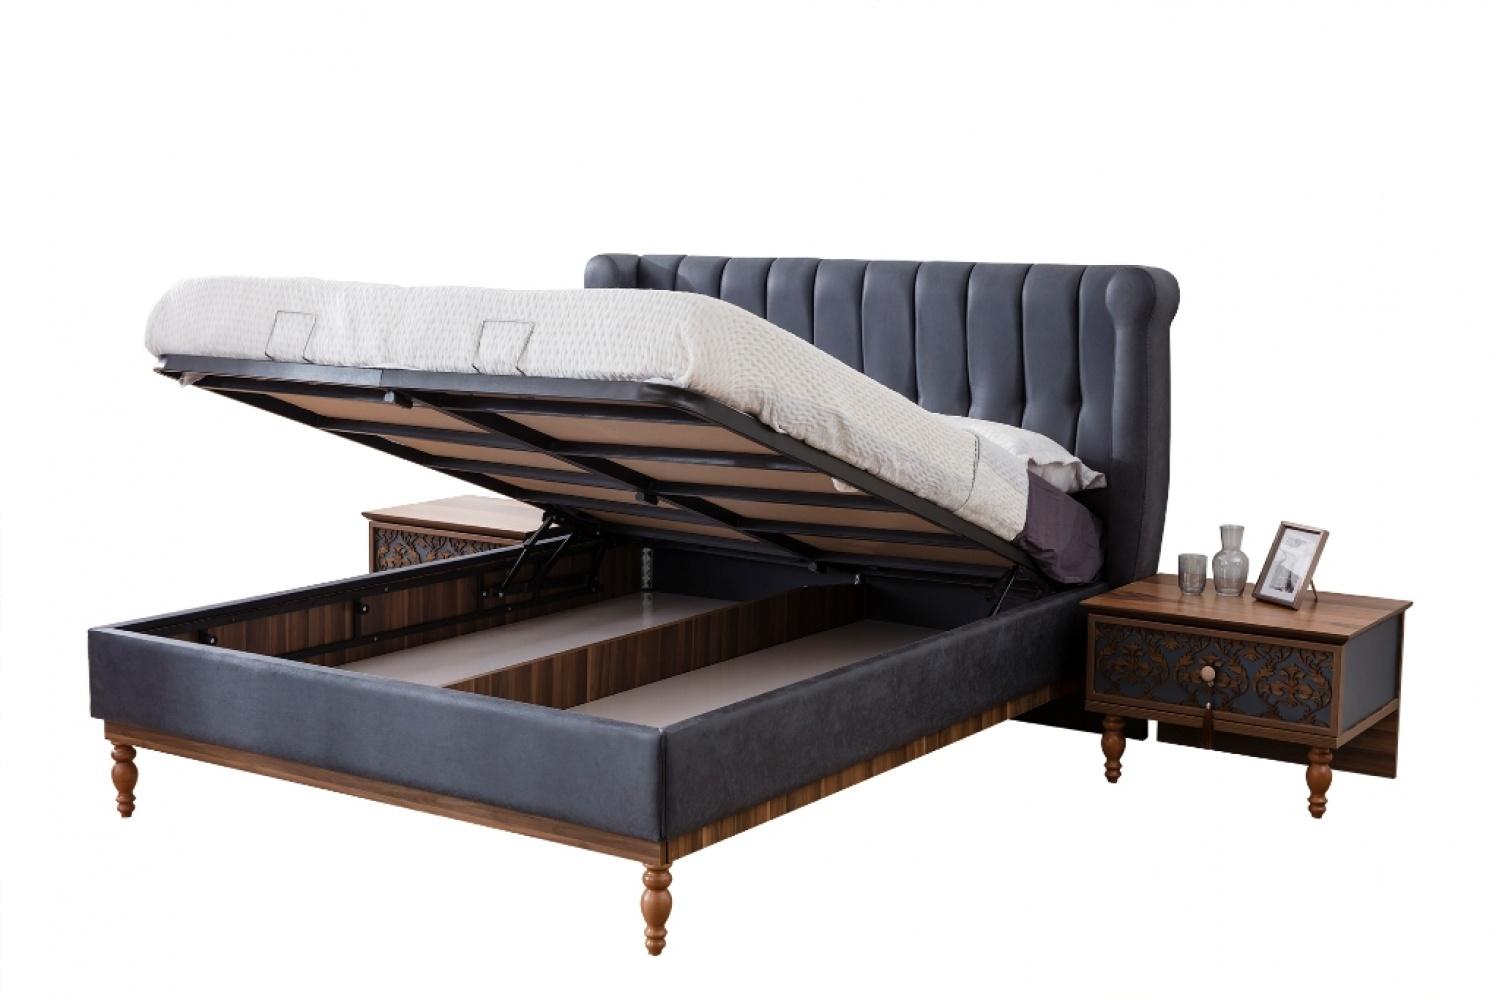 Schlafzimmer komplett Varun 4-teilig 160x200 - Kaufen bei Möbel-Lux